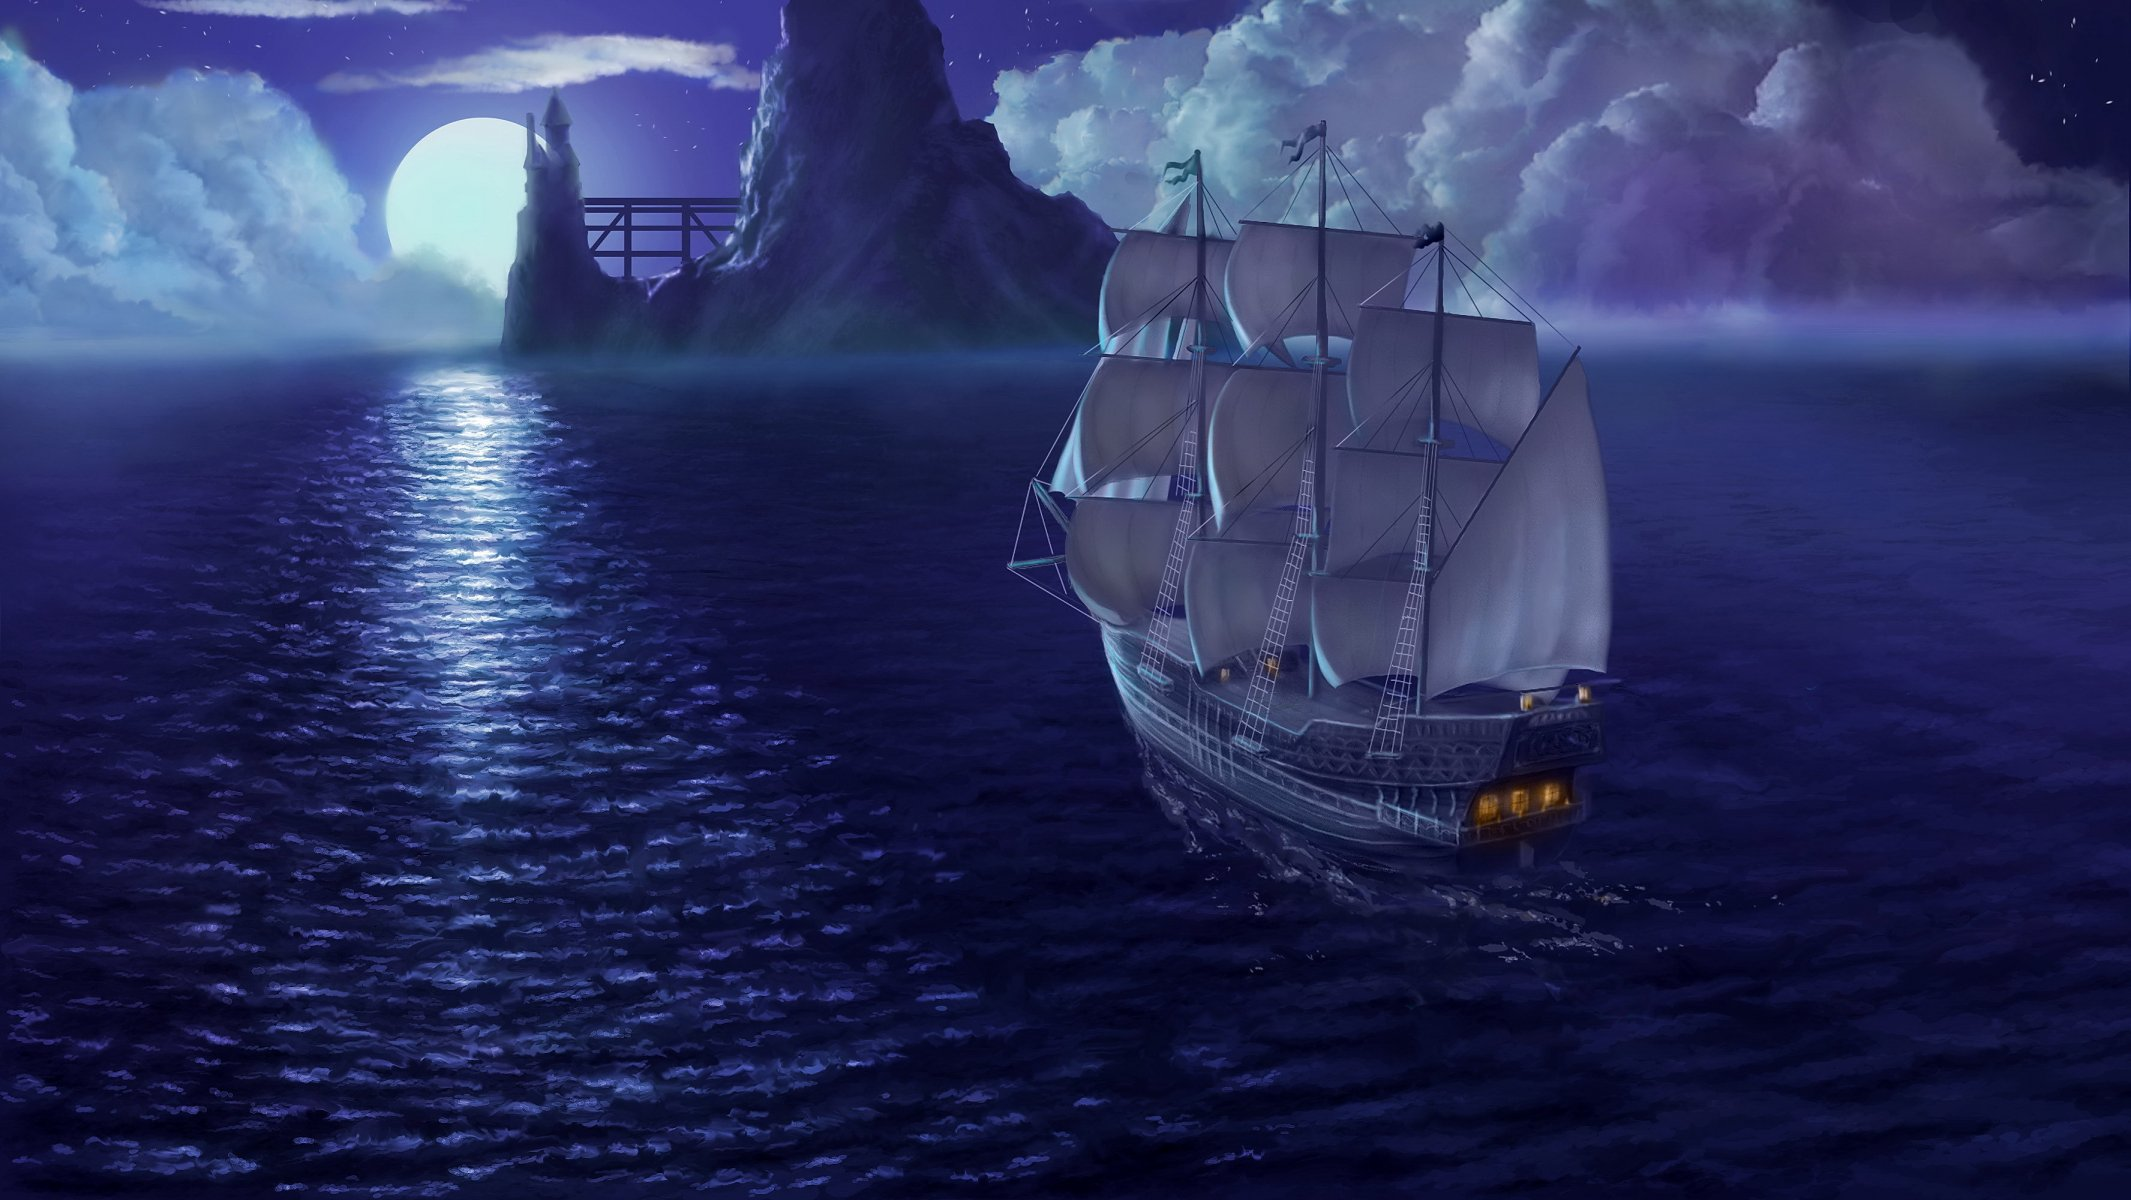 Днем, анимация картинки корабль